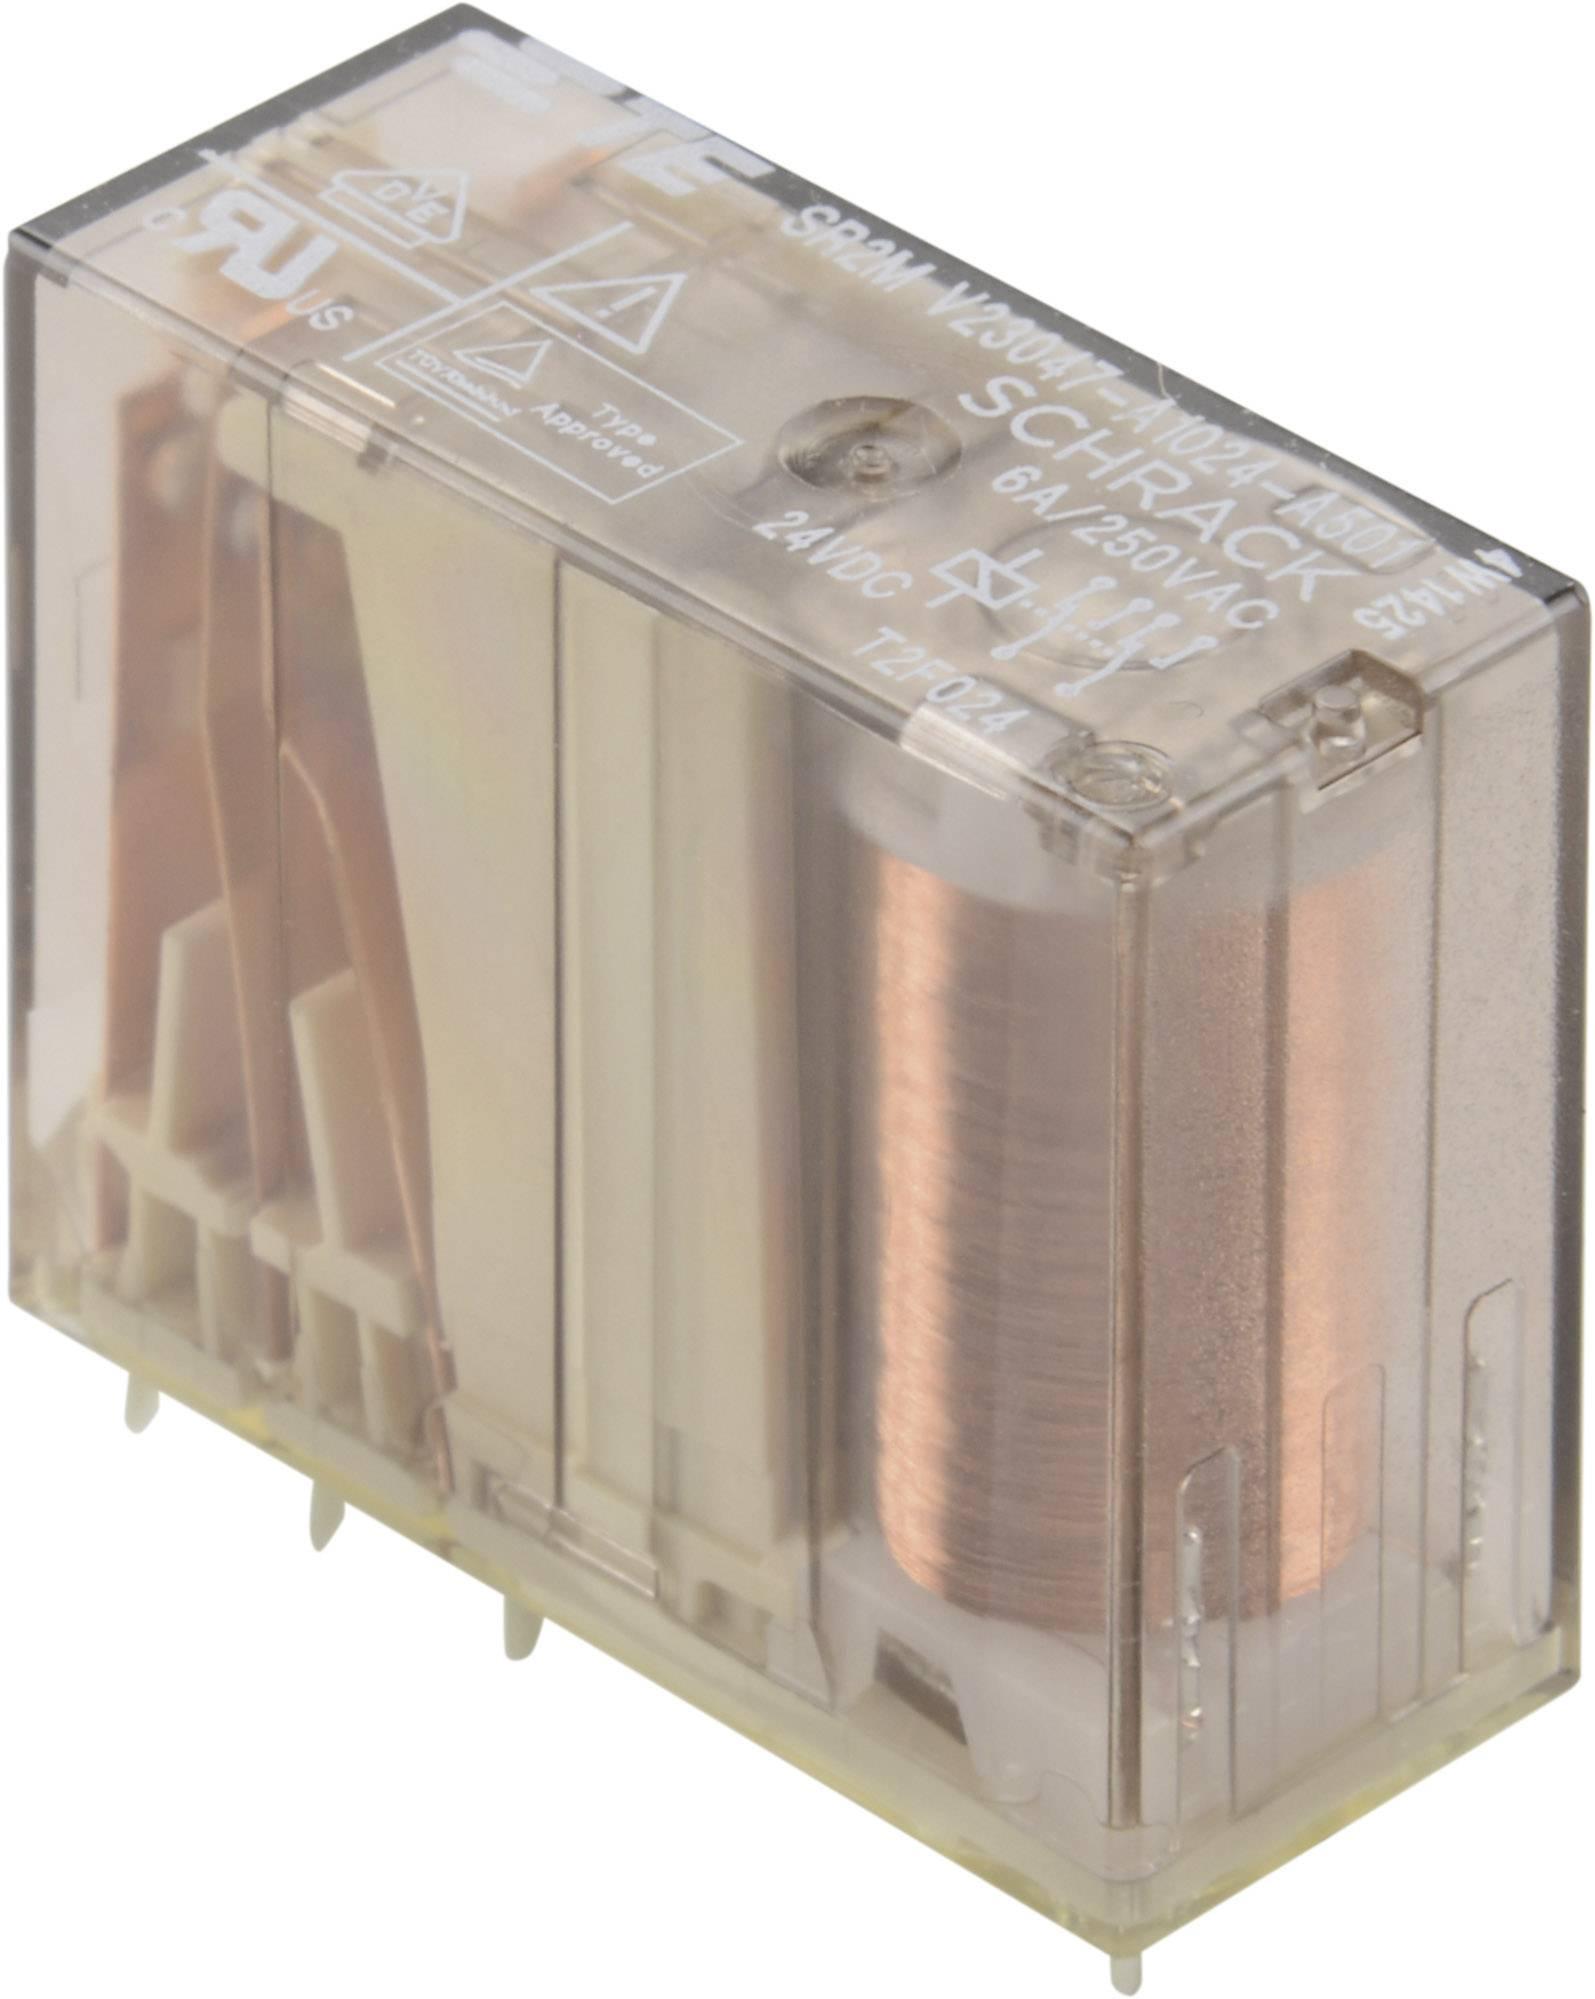 Bezpečnostní relé SR2M 6 A, 2pólové TE Connectivity 1-1393258-5, V23047-A1024-A501, 6 A